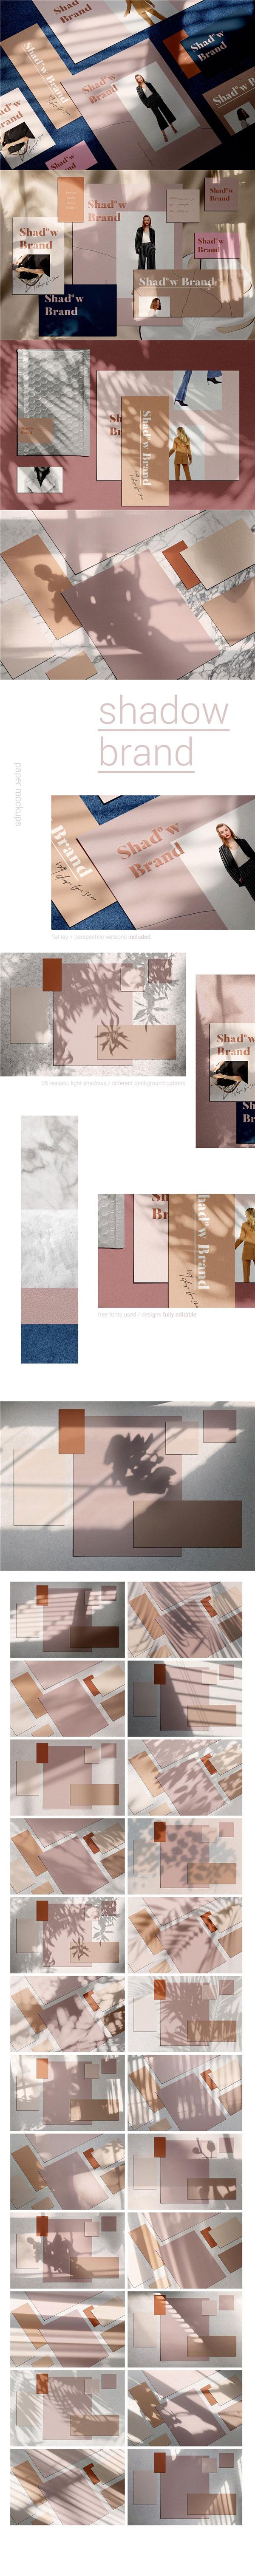 品牌设计纸张样机